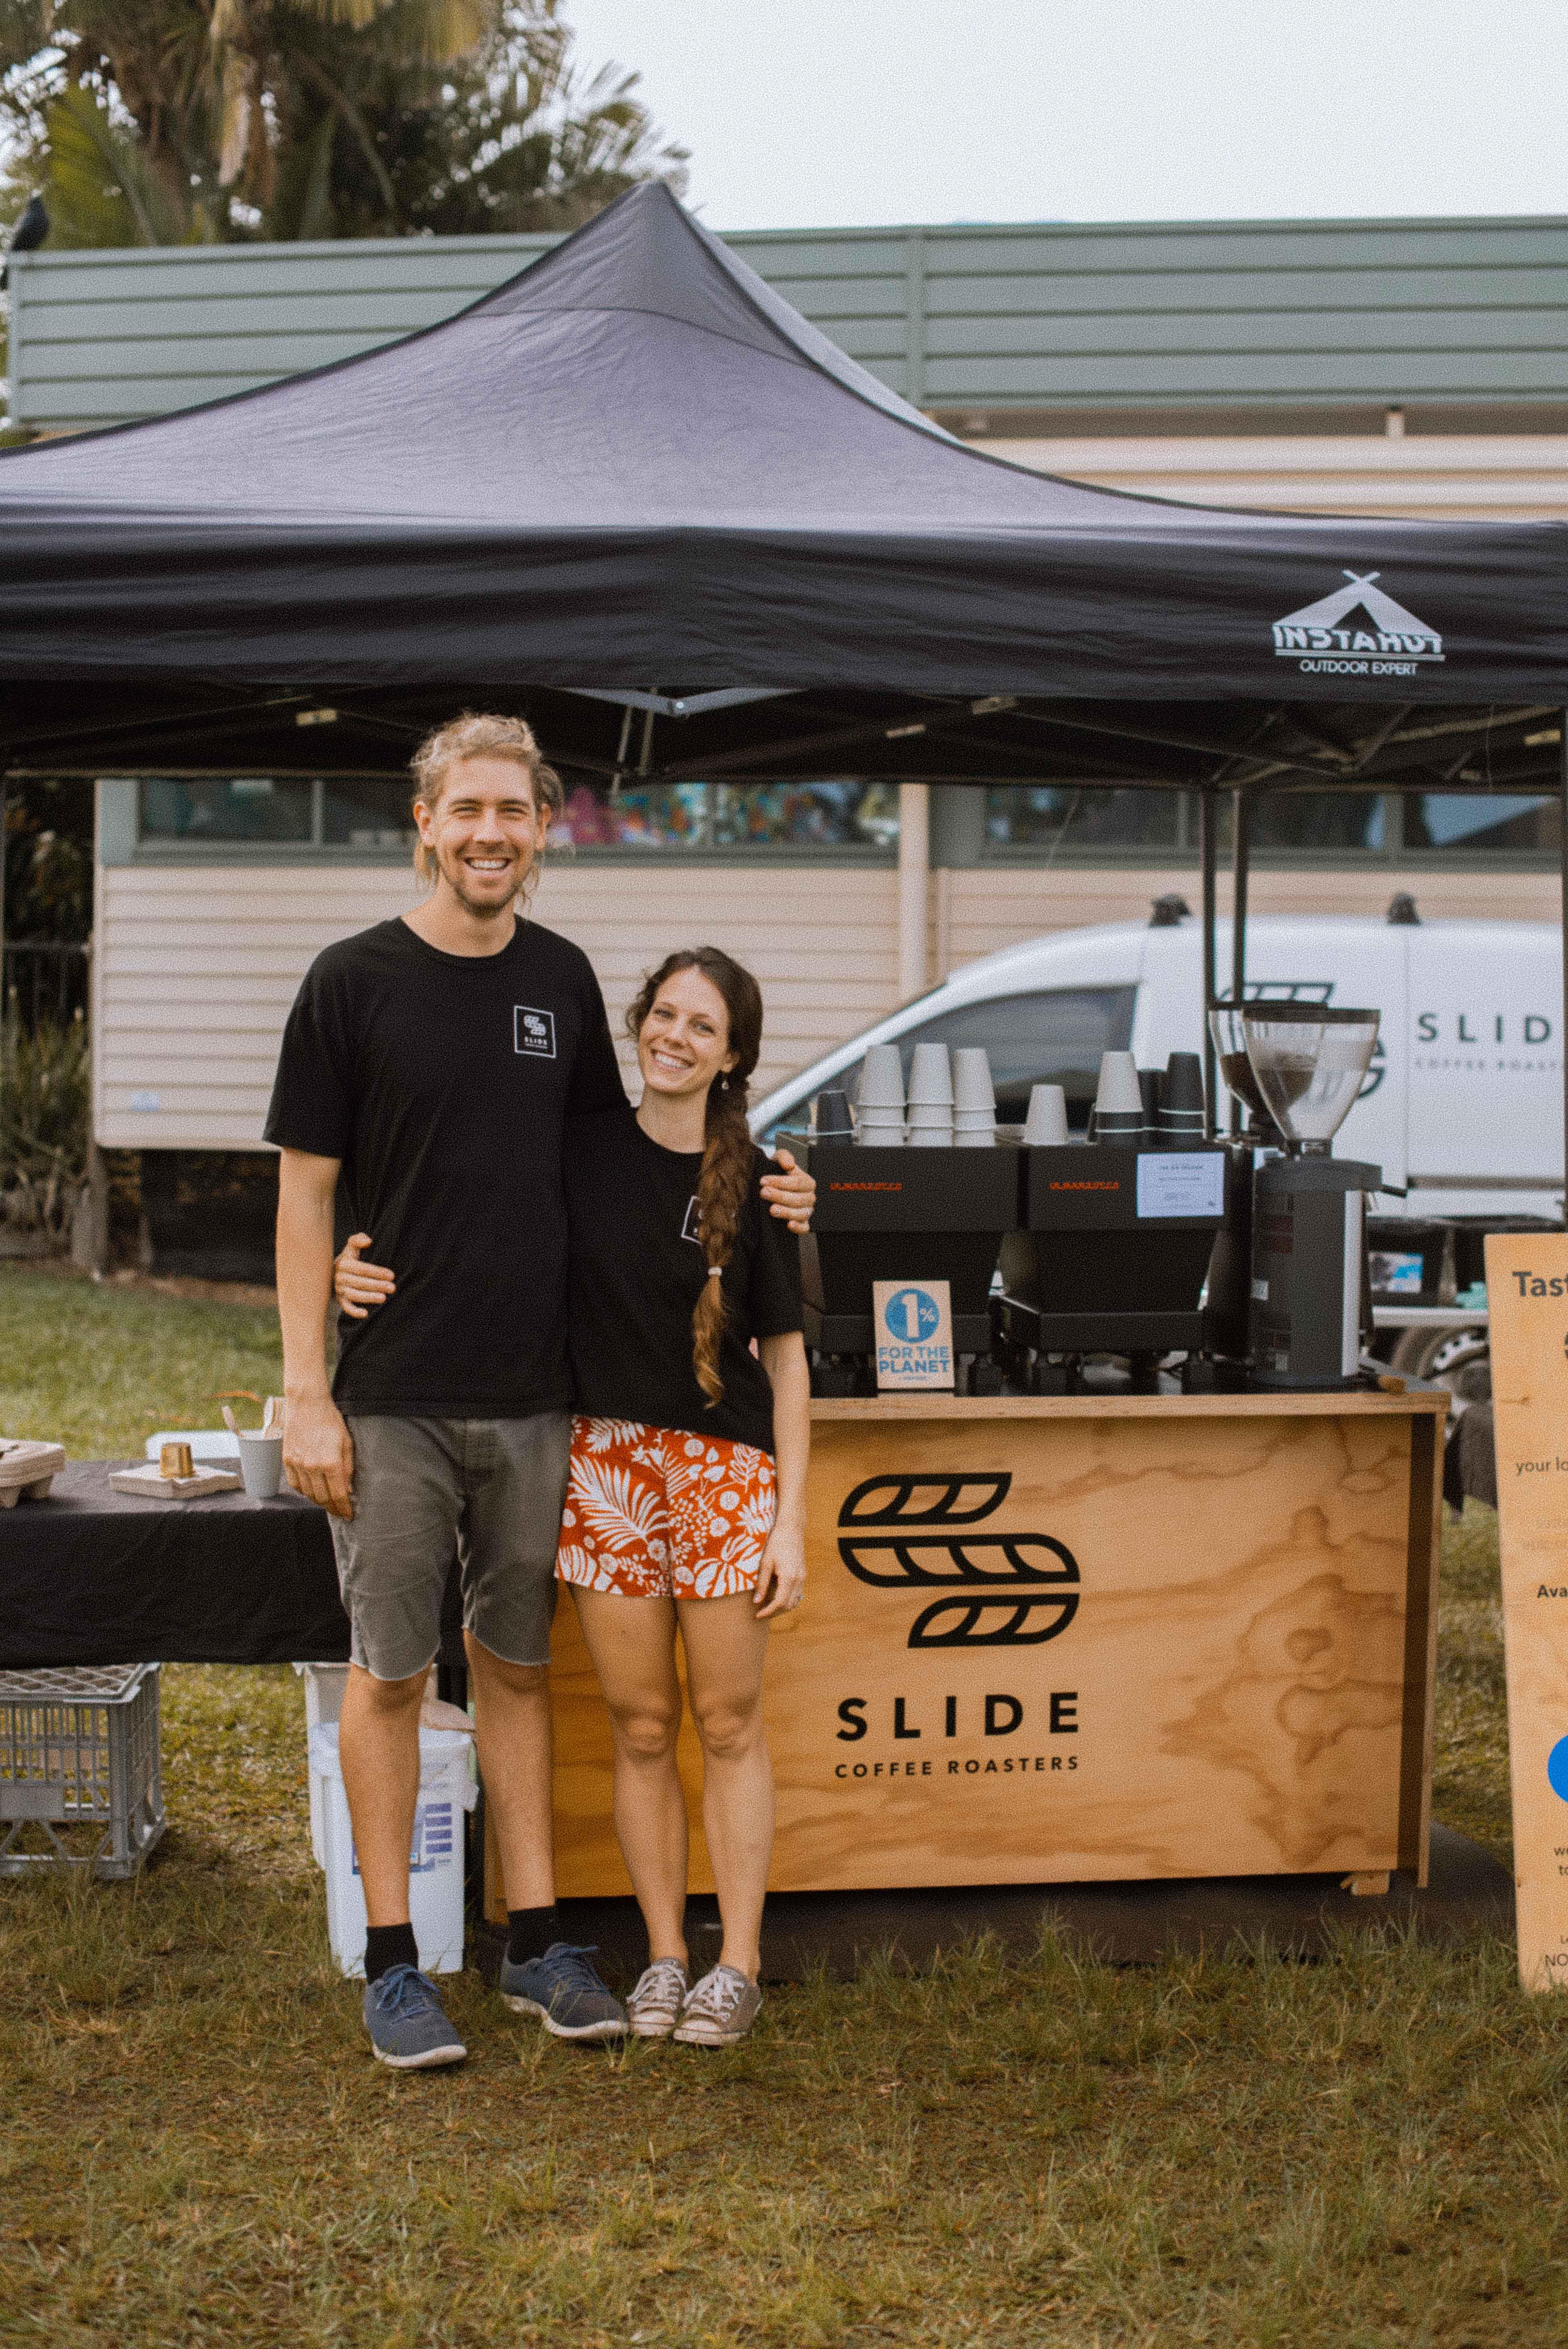 Slide coffee roasters owners